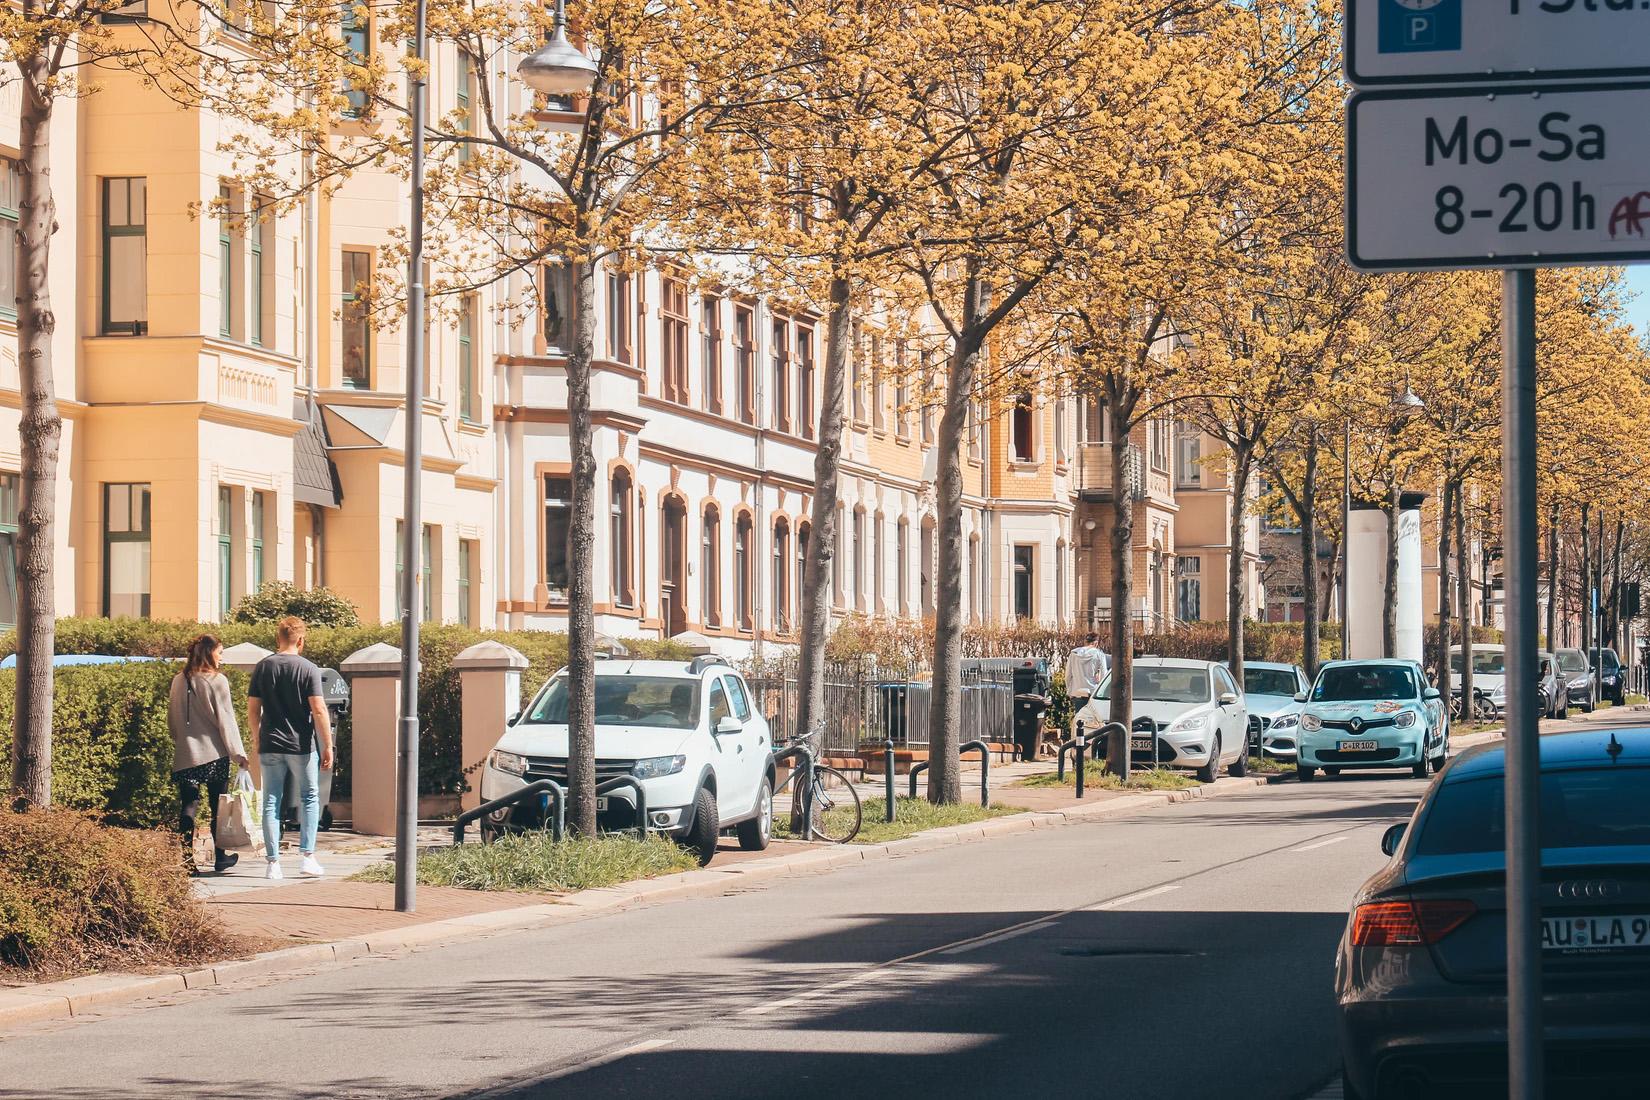 Bild einer Straße in einer Stadt.